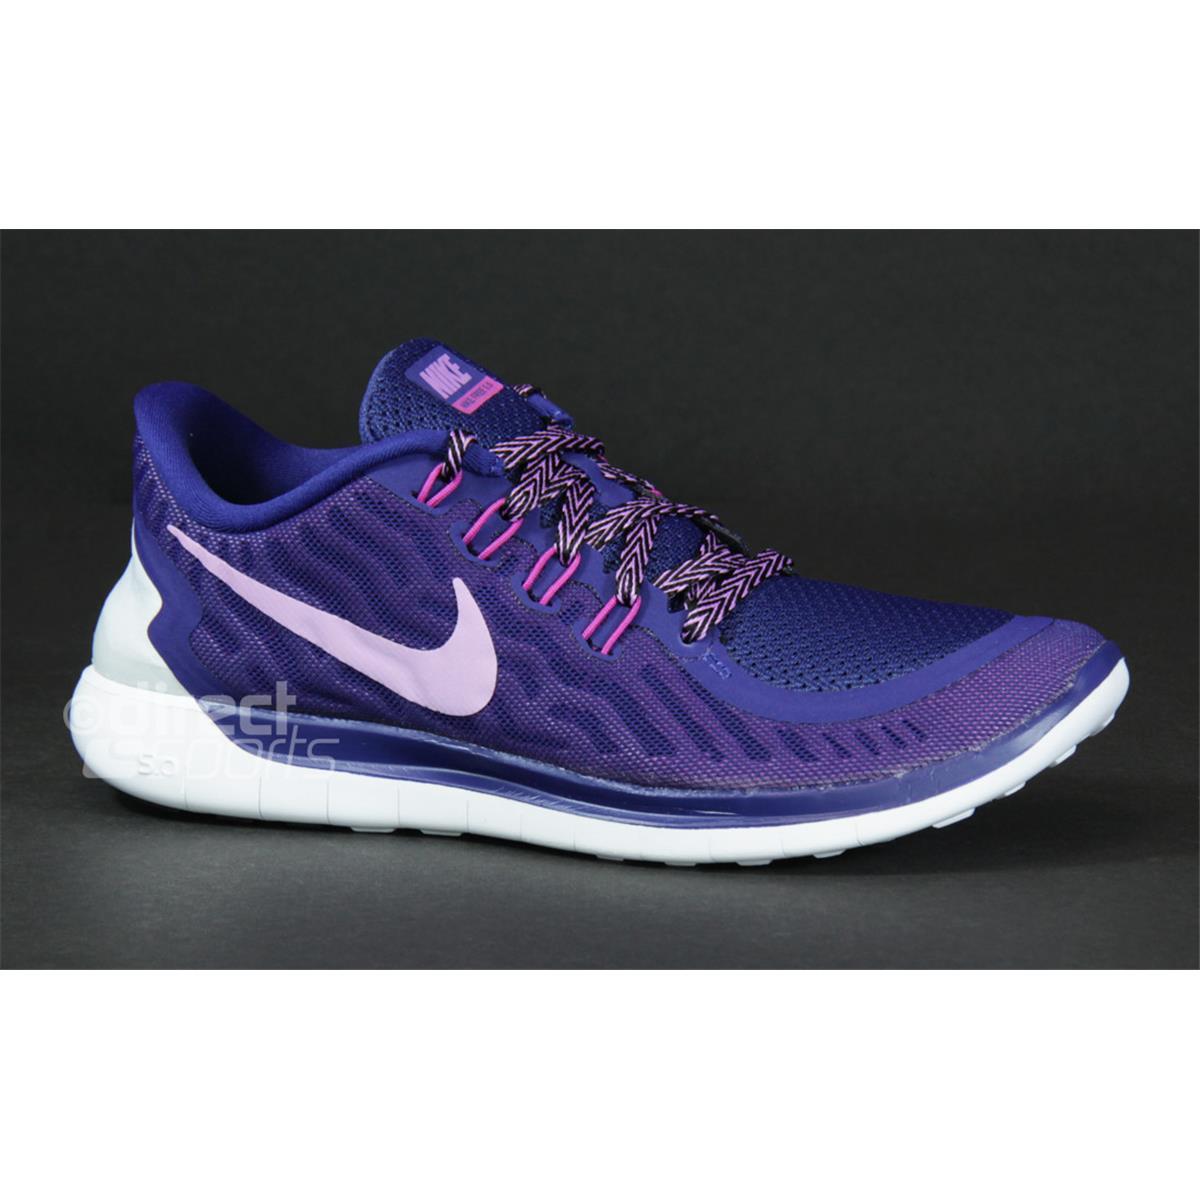 d4d95084c2313b ... nike shox tl - Nike Free 5.0 Womens Running Shoes (Deep Royal Blue) by  ...